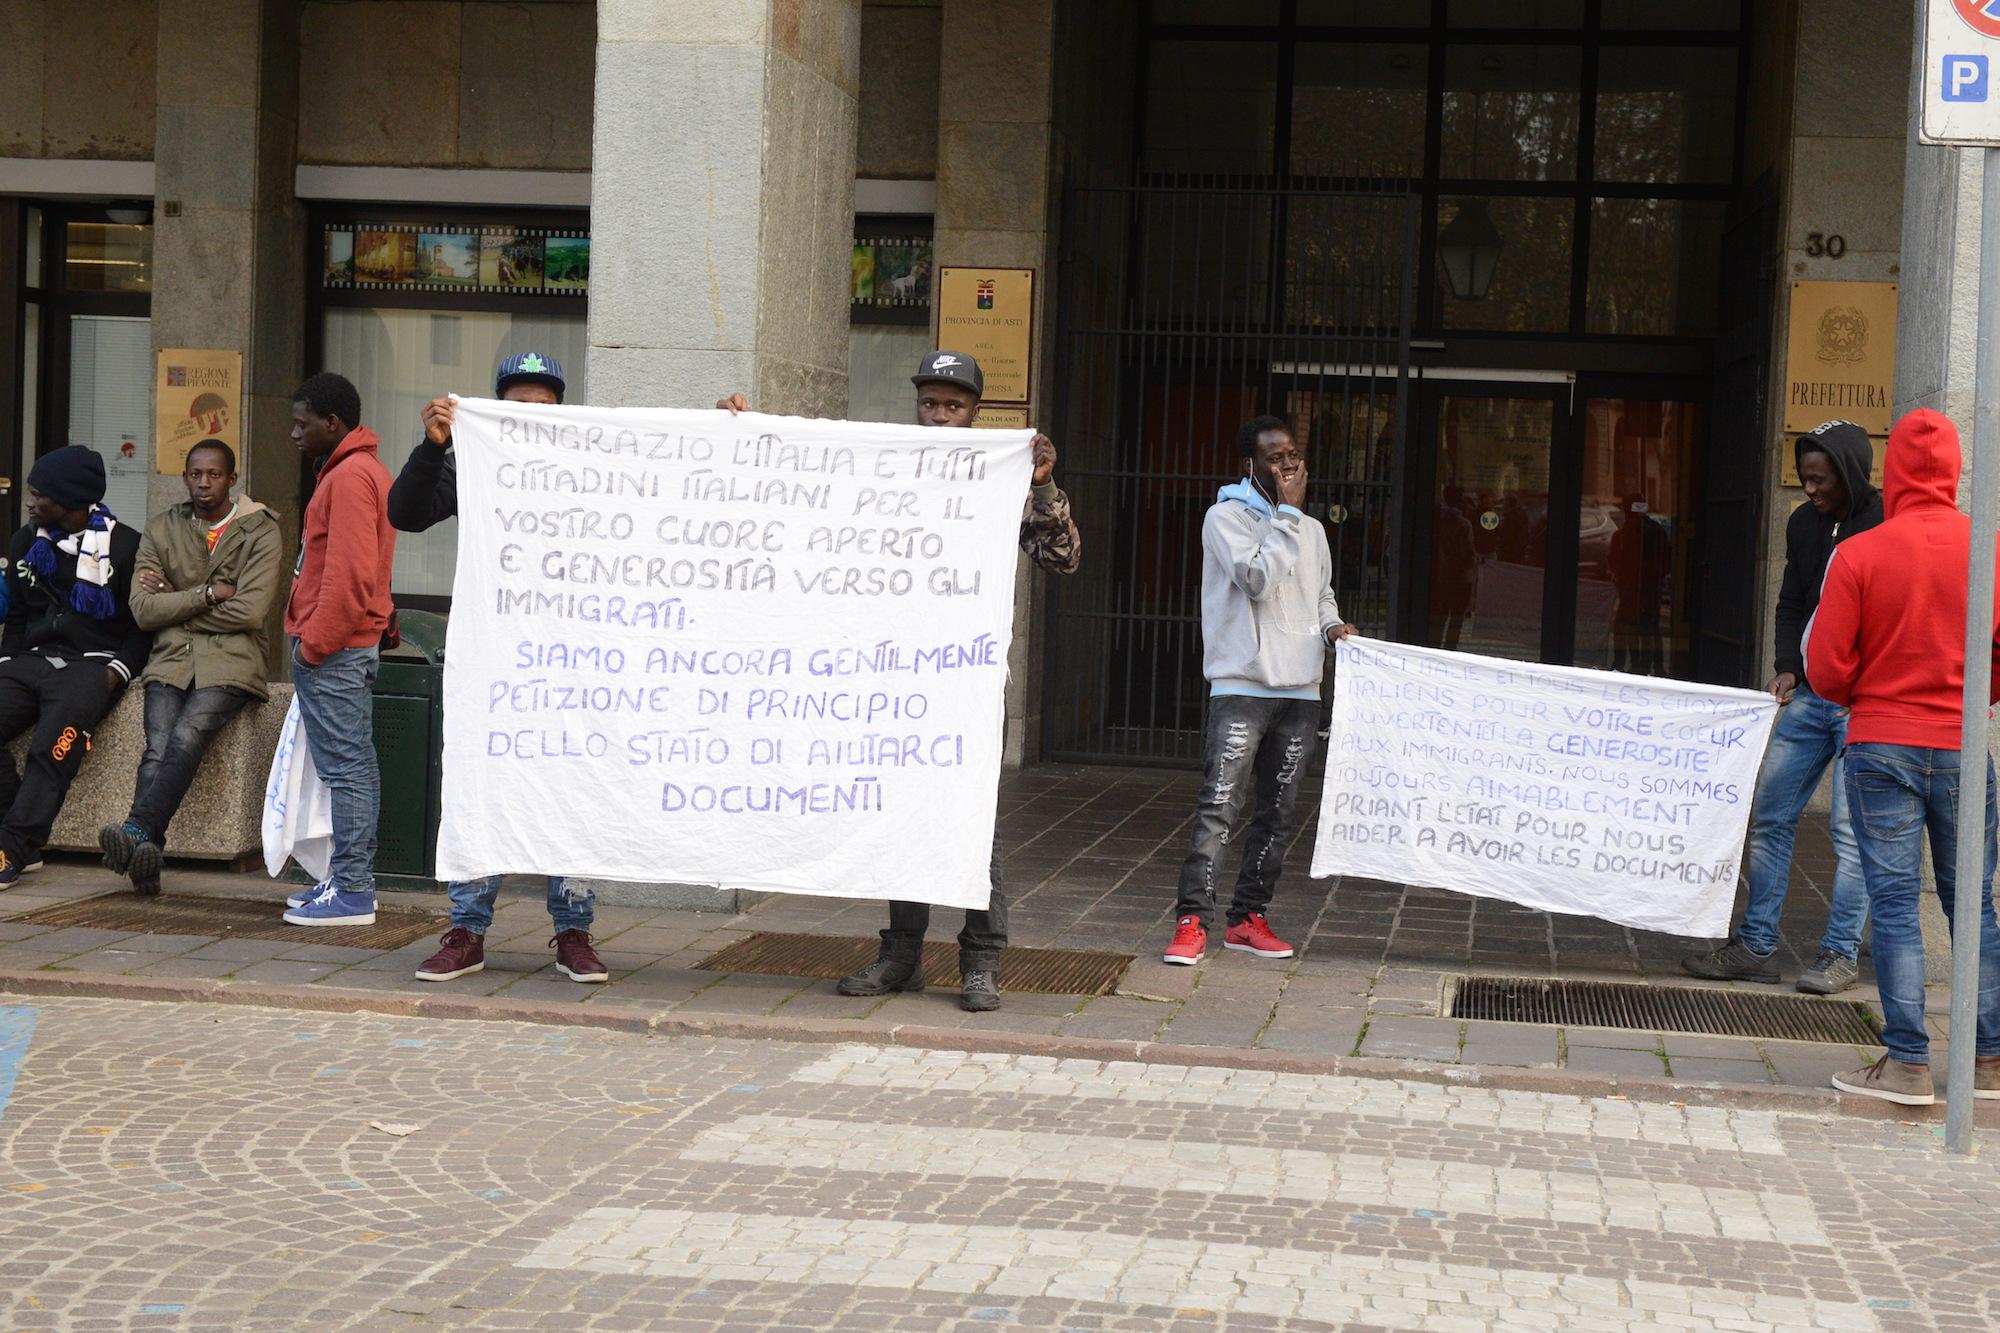 Protesta dei migranti davanti alla prefettura di Asti